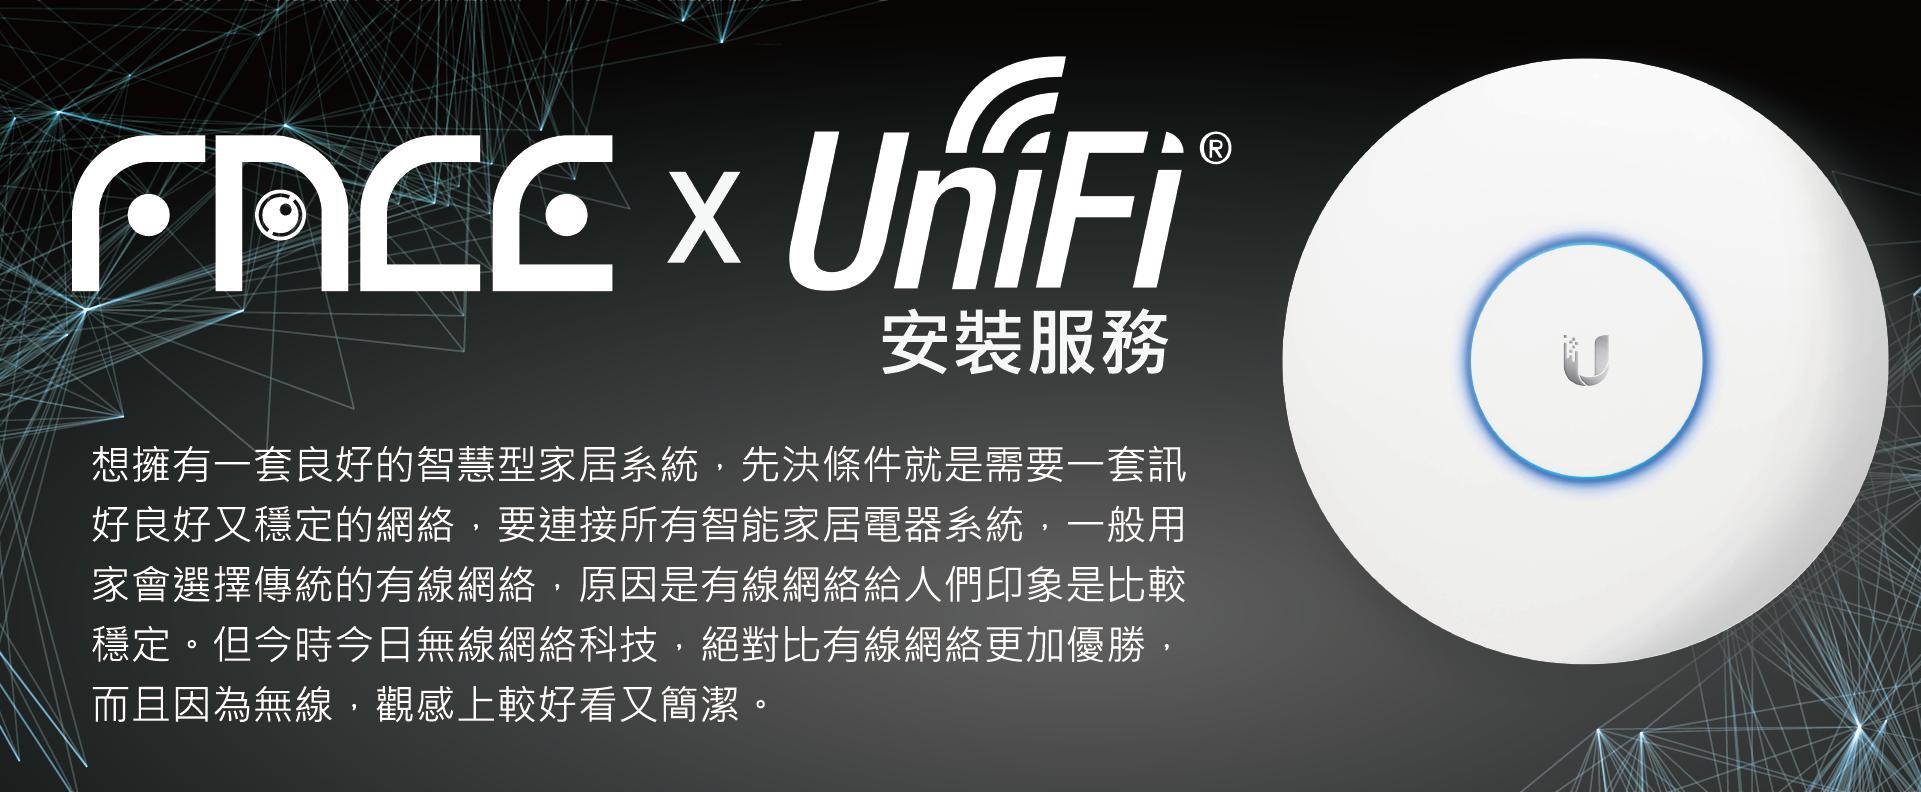 FACE X UNIFI3_Outline-16